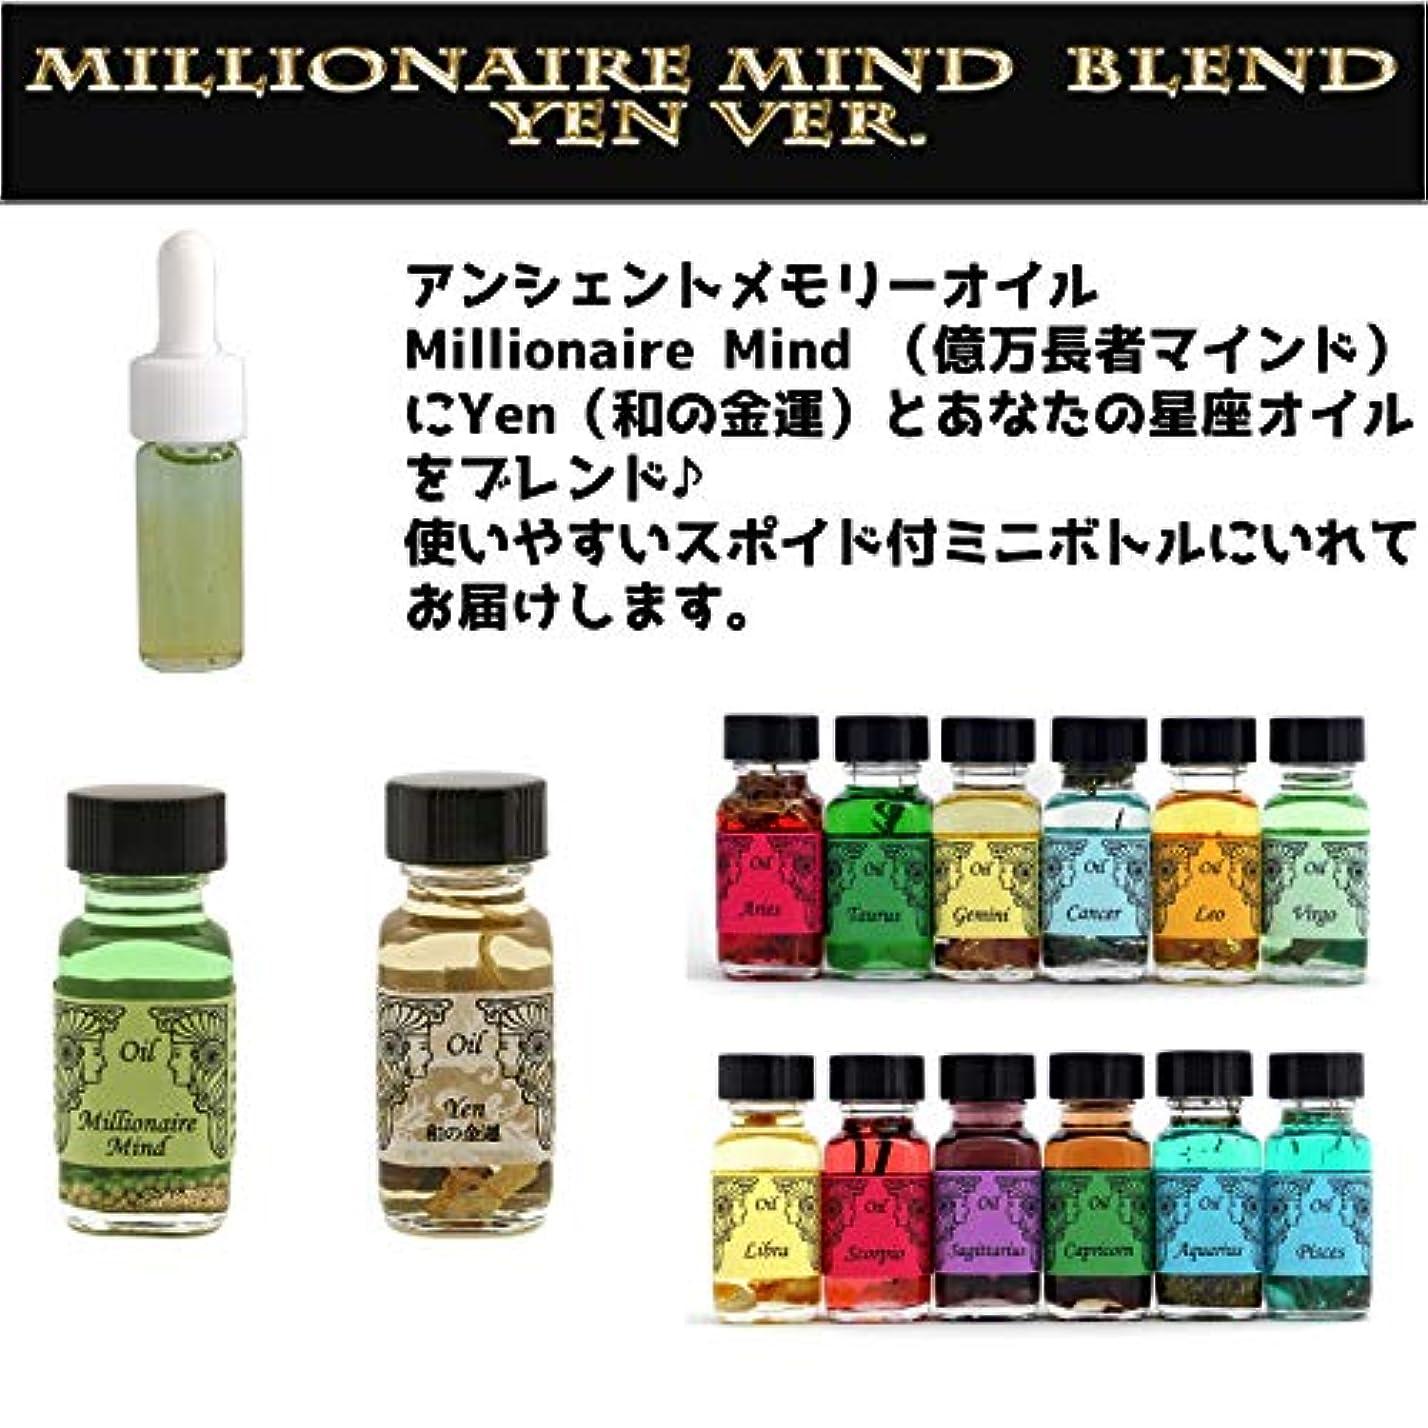 文芸一人で性別アンシェントメモリーオイル Millionaire Mind 億万長者マインド ブレンド【Yen 和の金運&てんびん座】